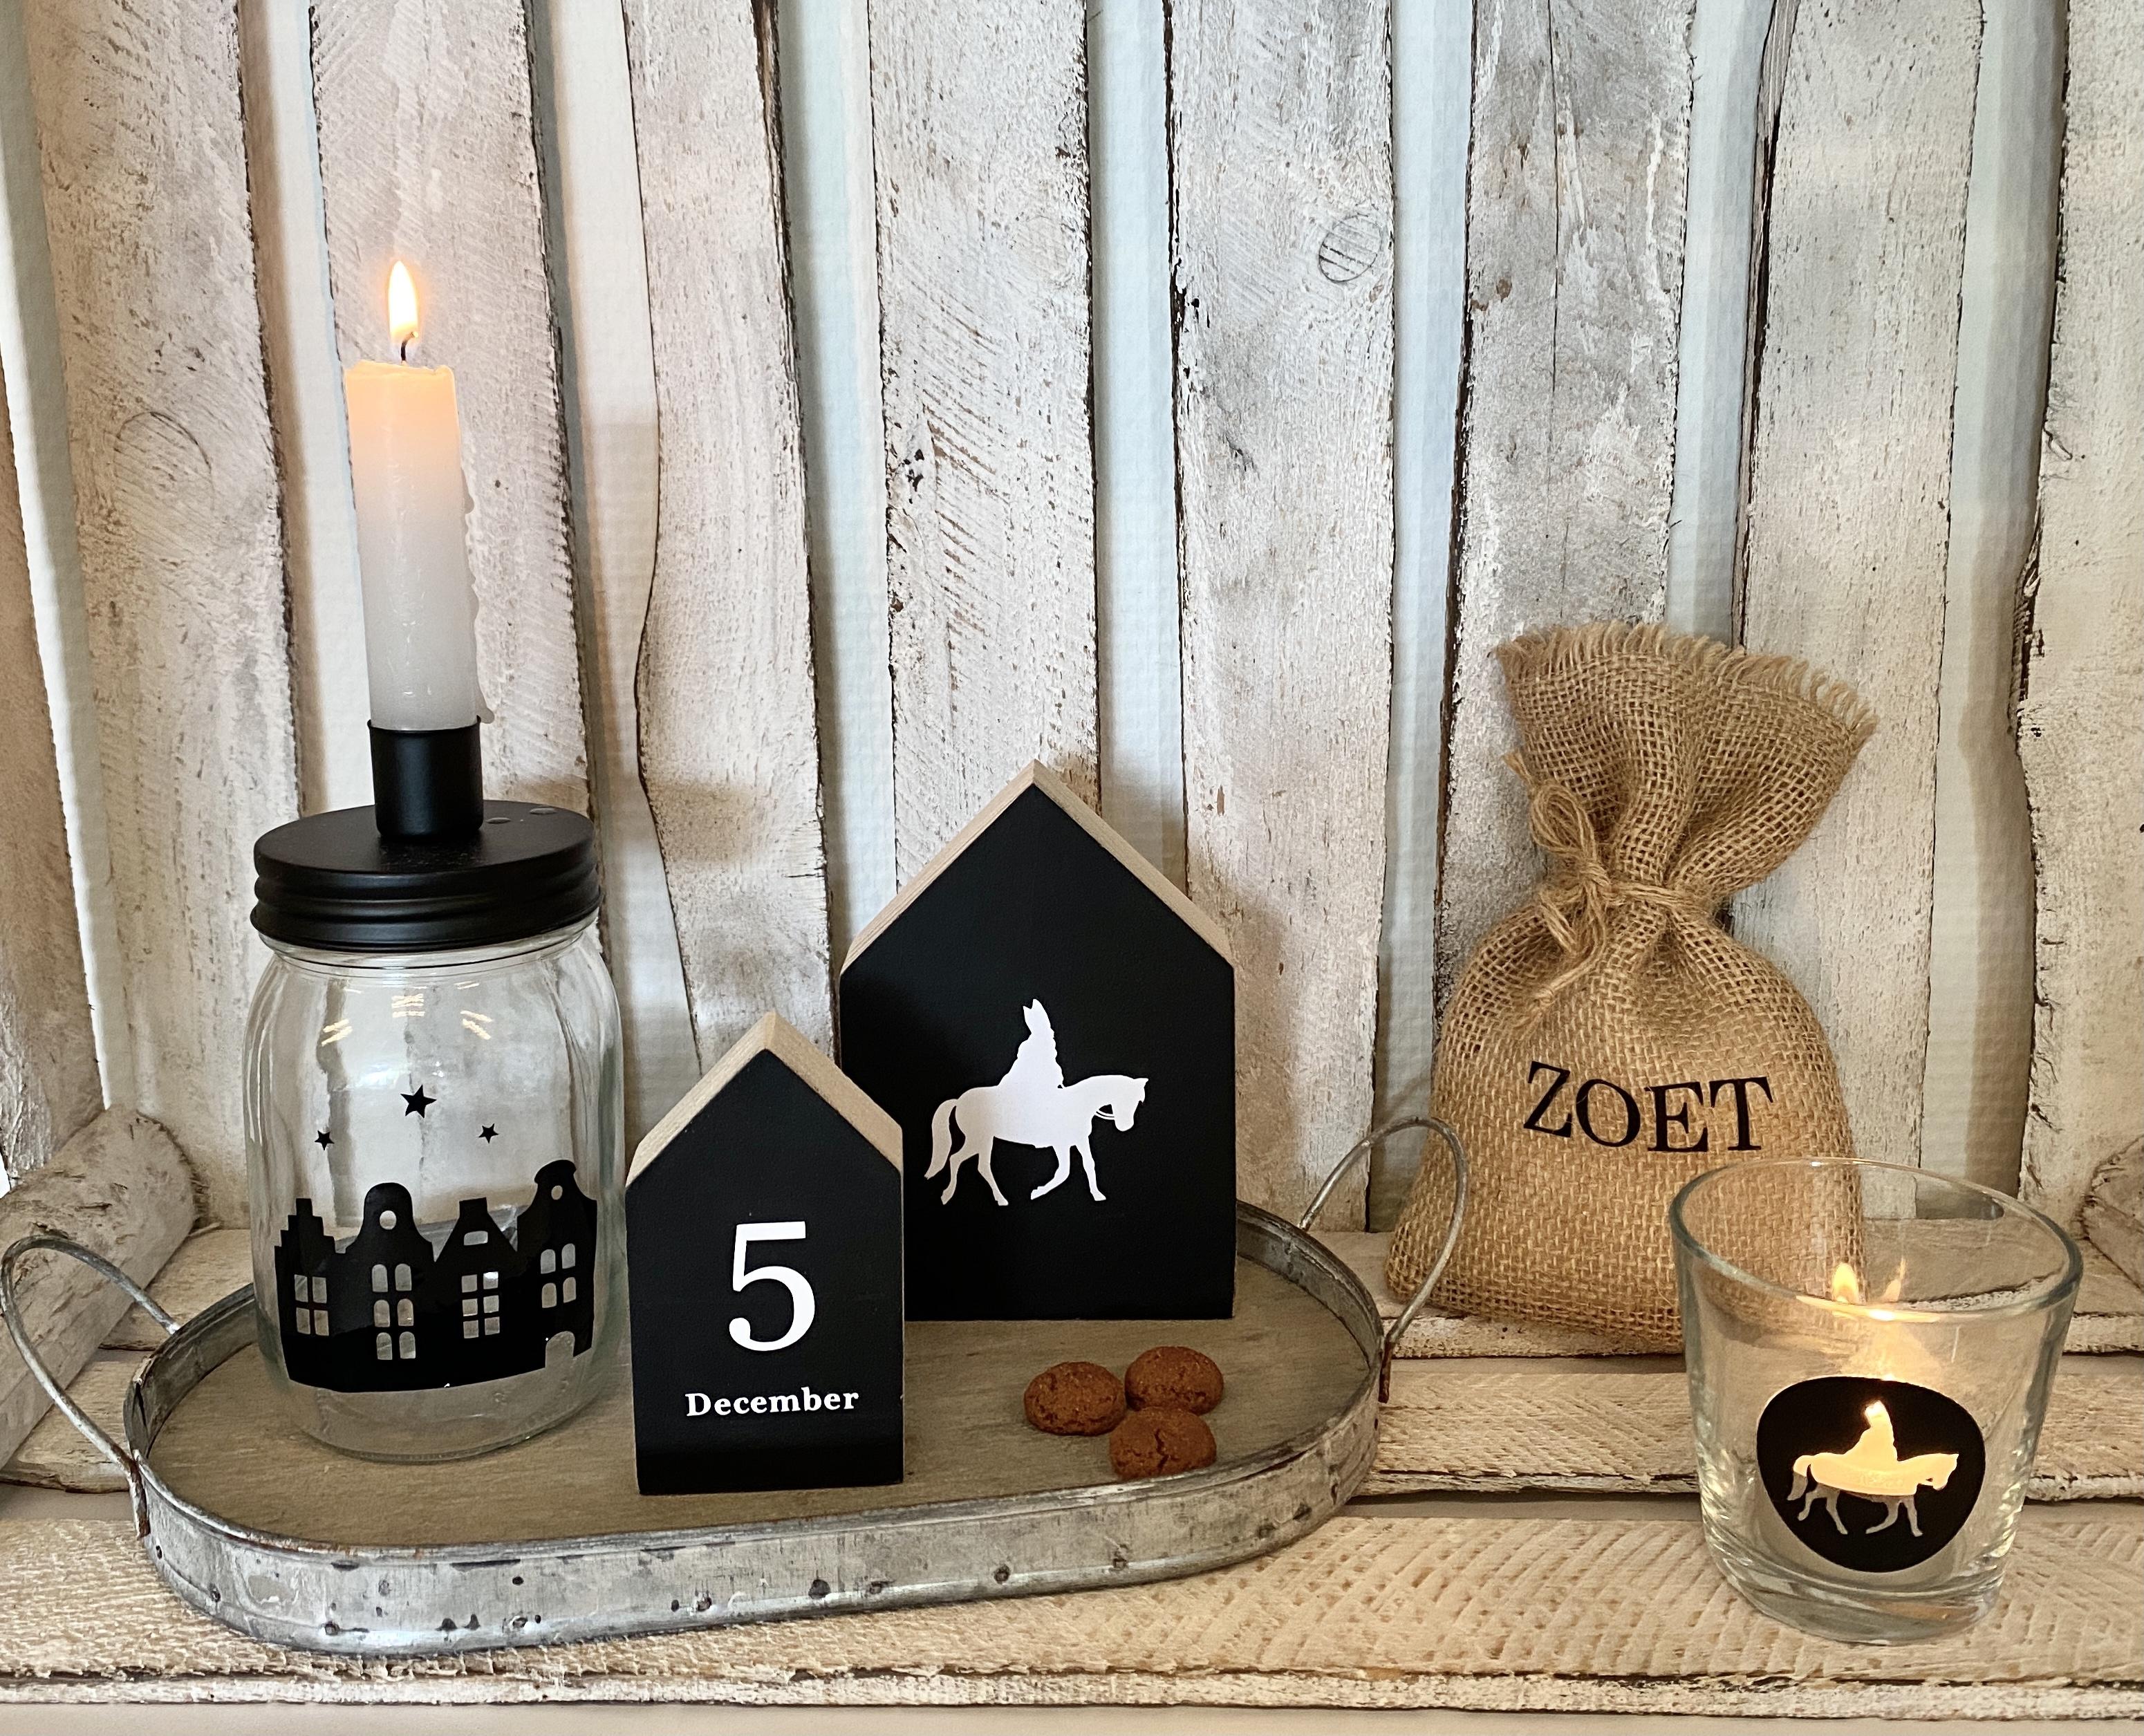 Houten huisjes | Sint en 5 december (zwart)